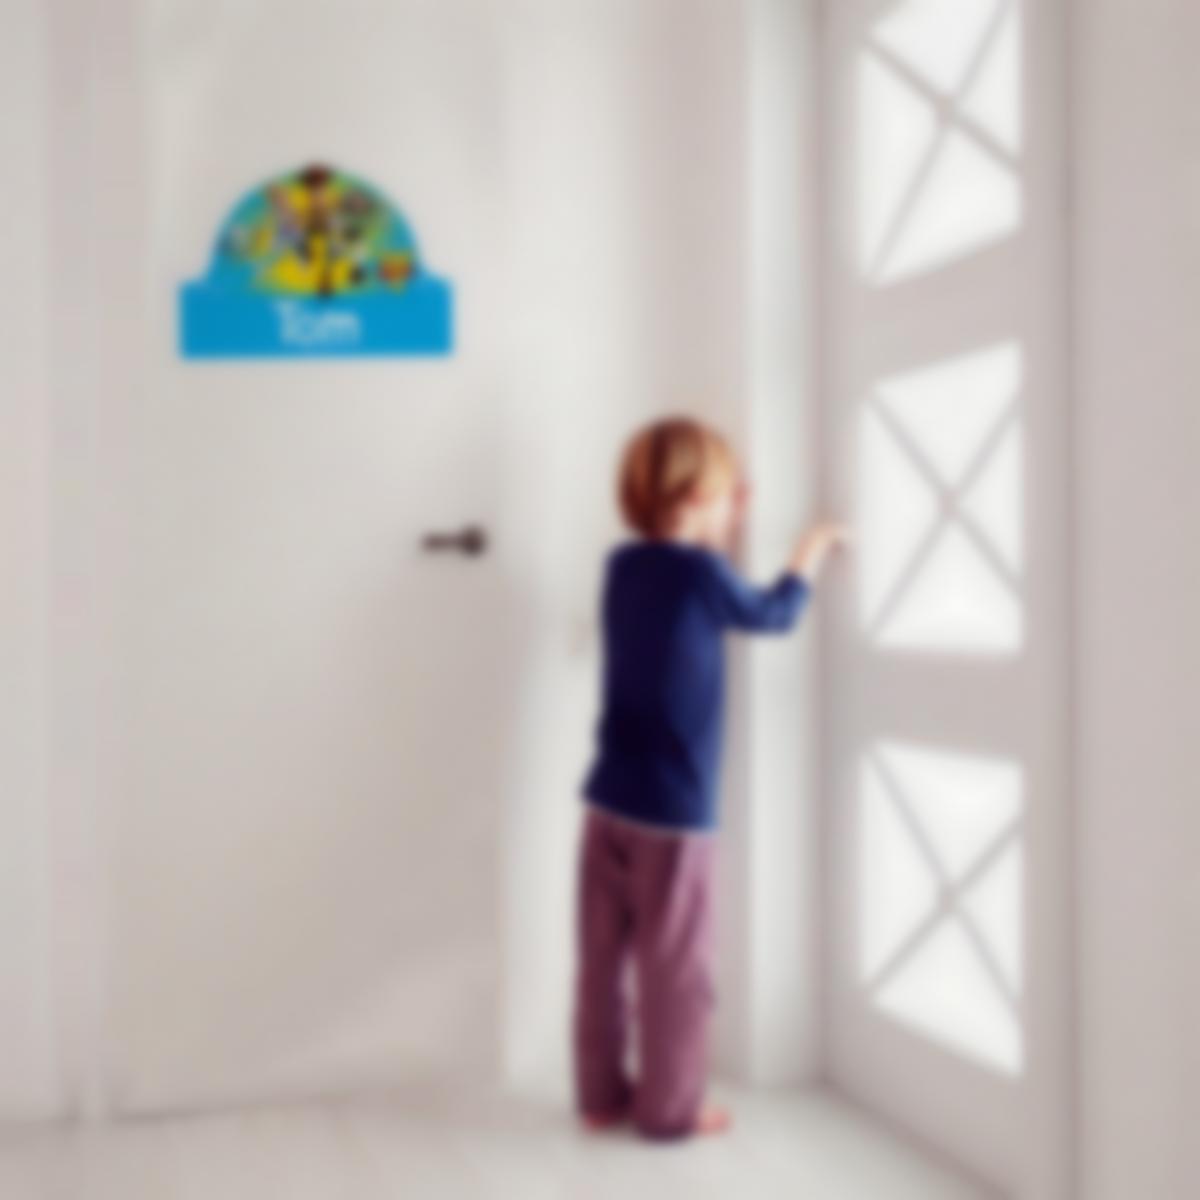 Autocollant panneau de porte chambre enfant - Toy Story 4